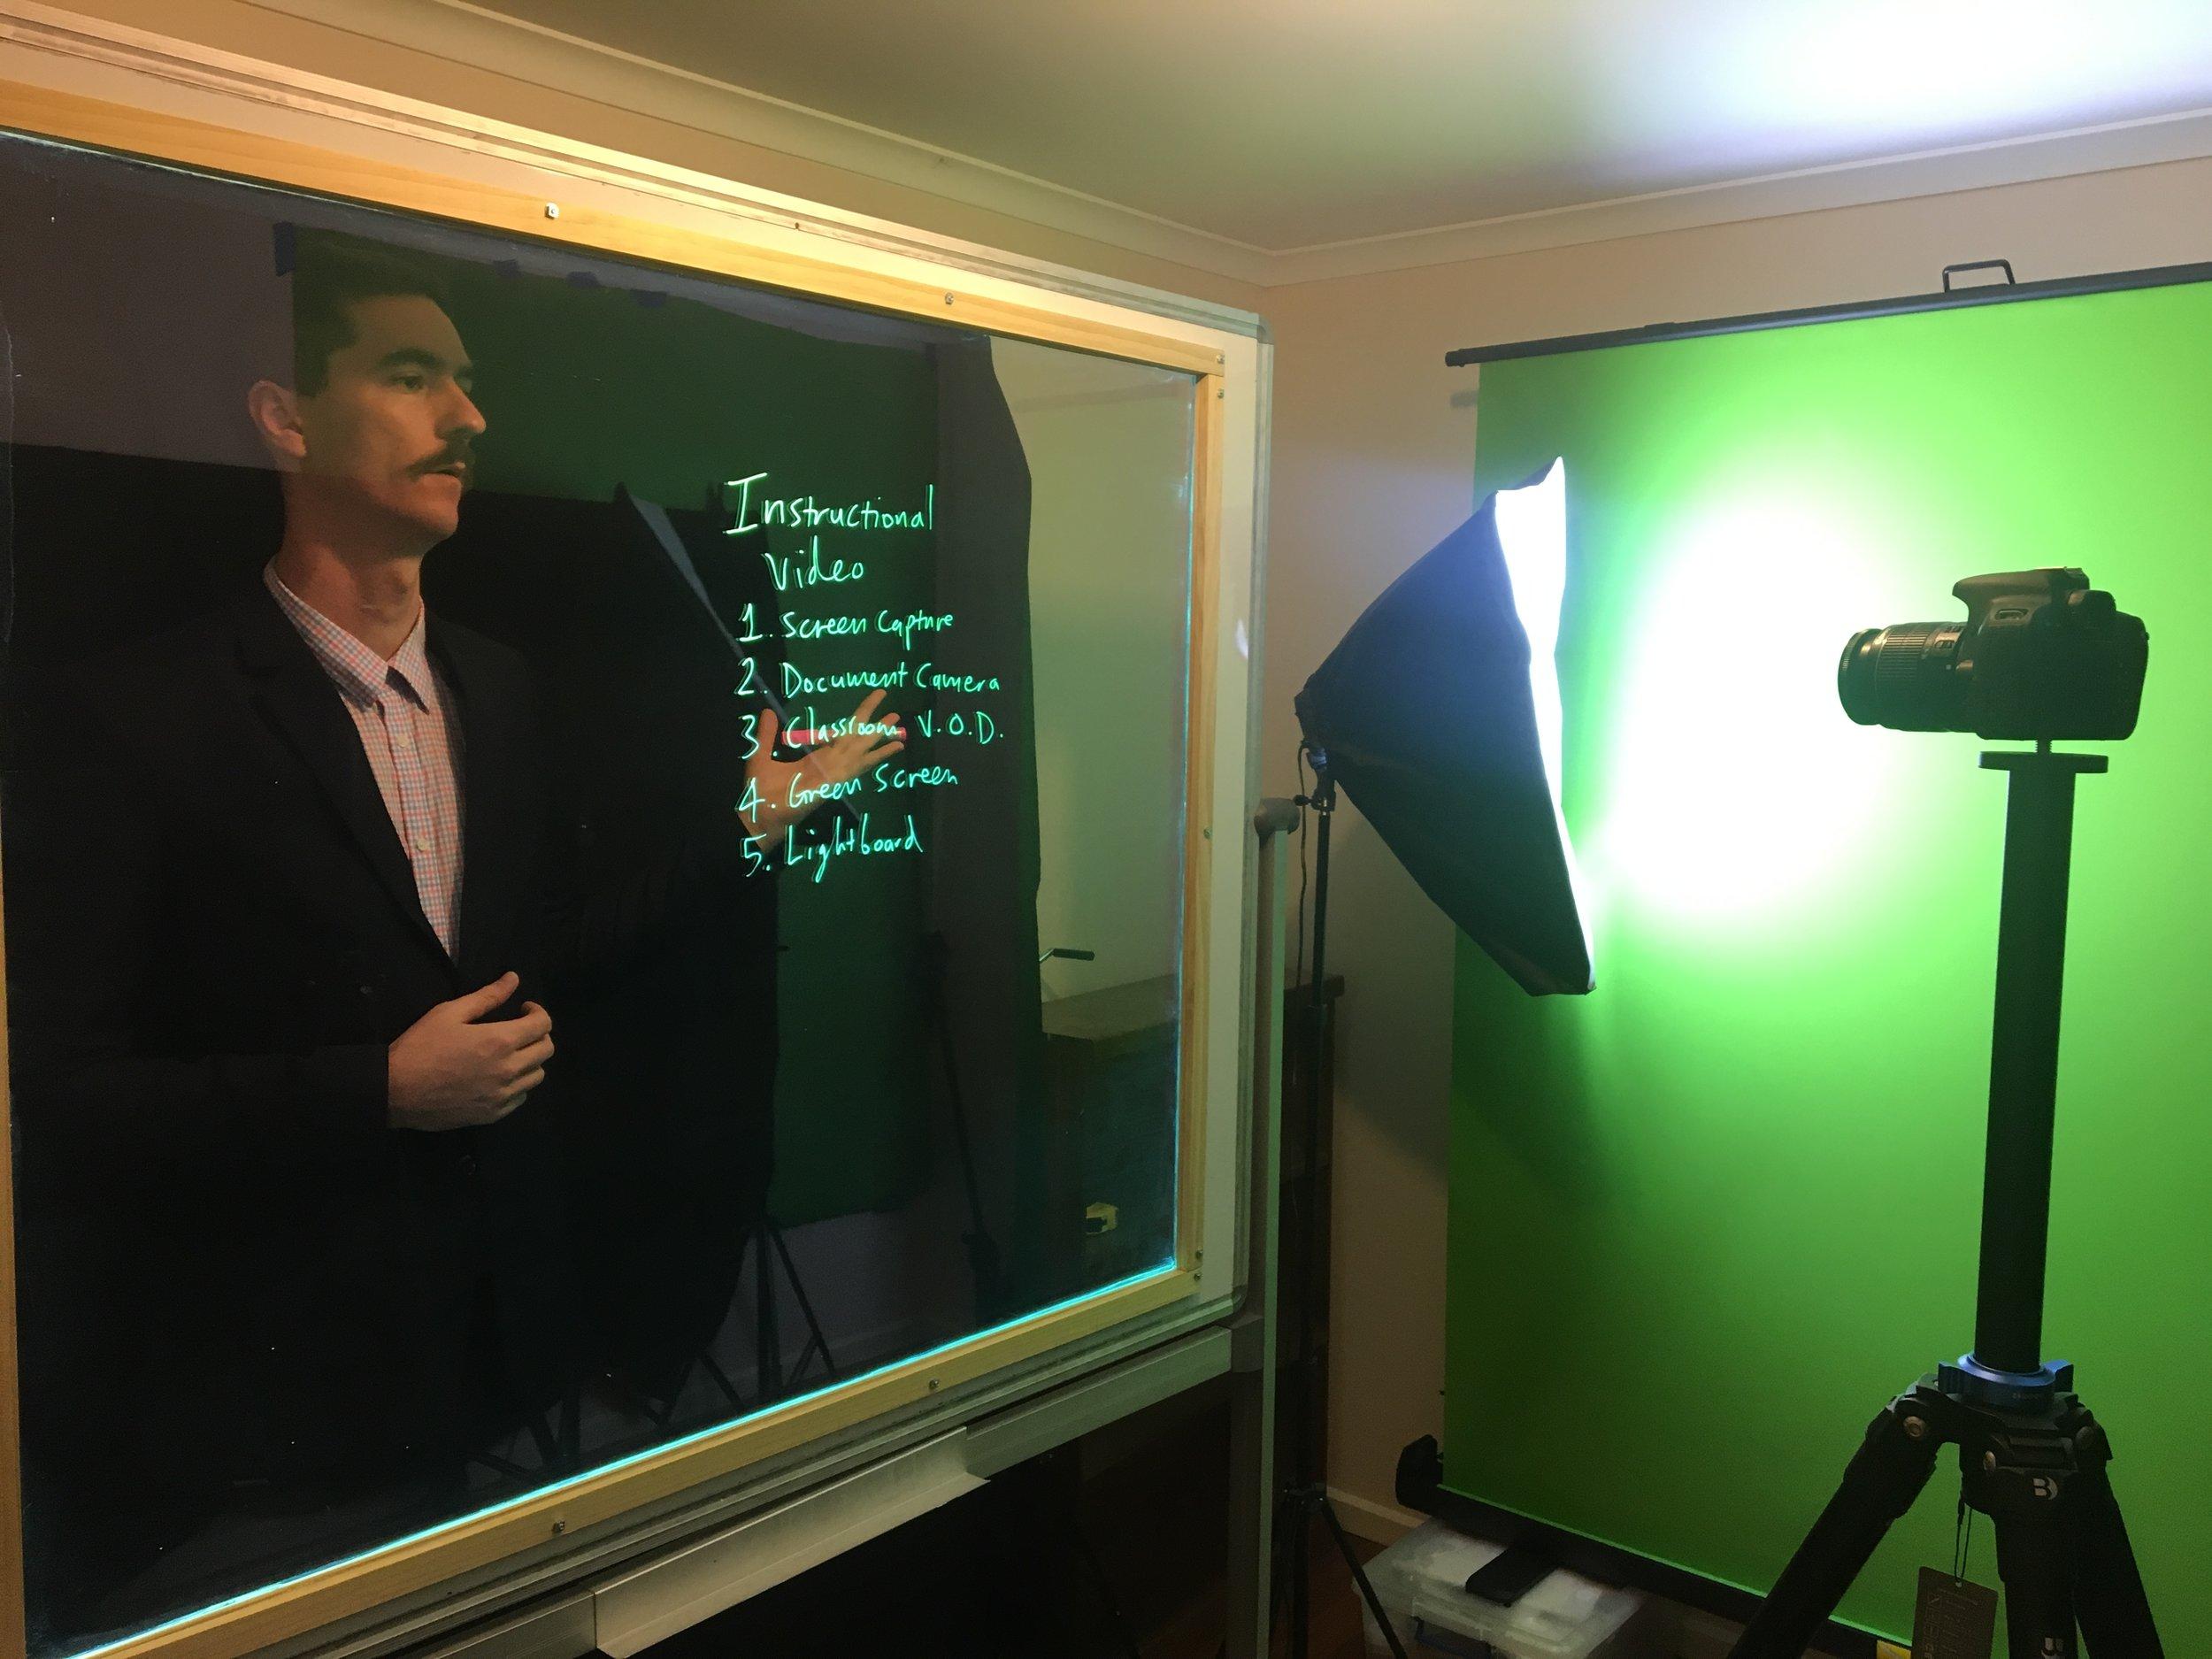 Lightboard - Steven Kolber - Presenter Image.JPG